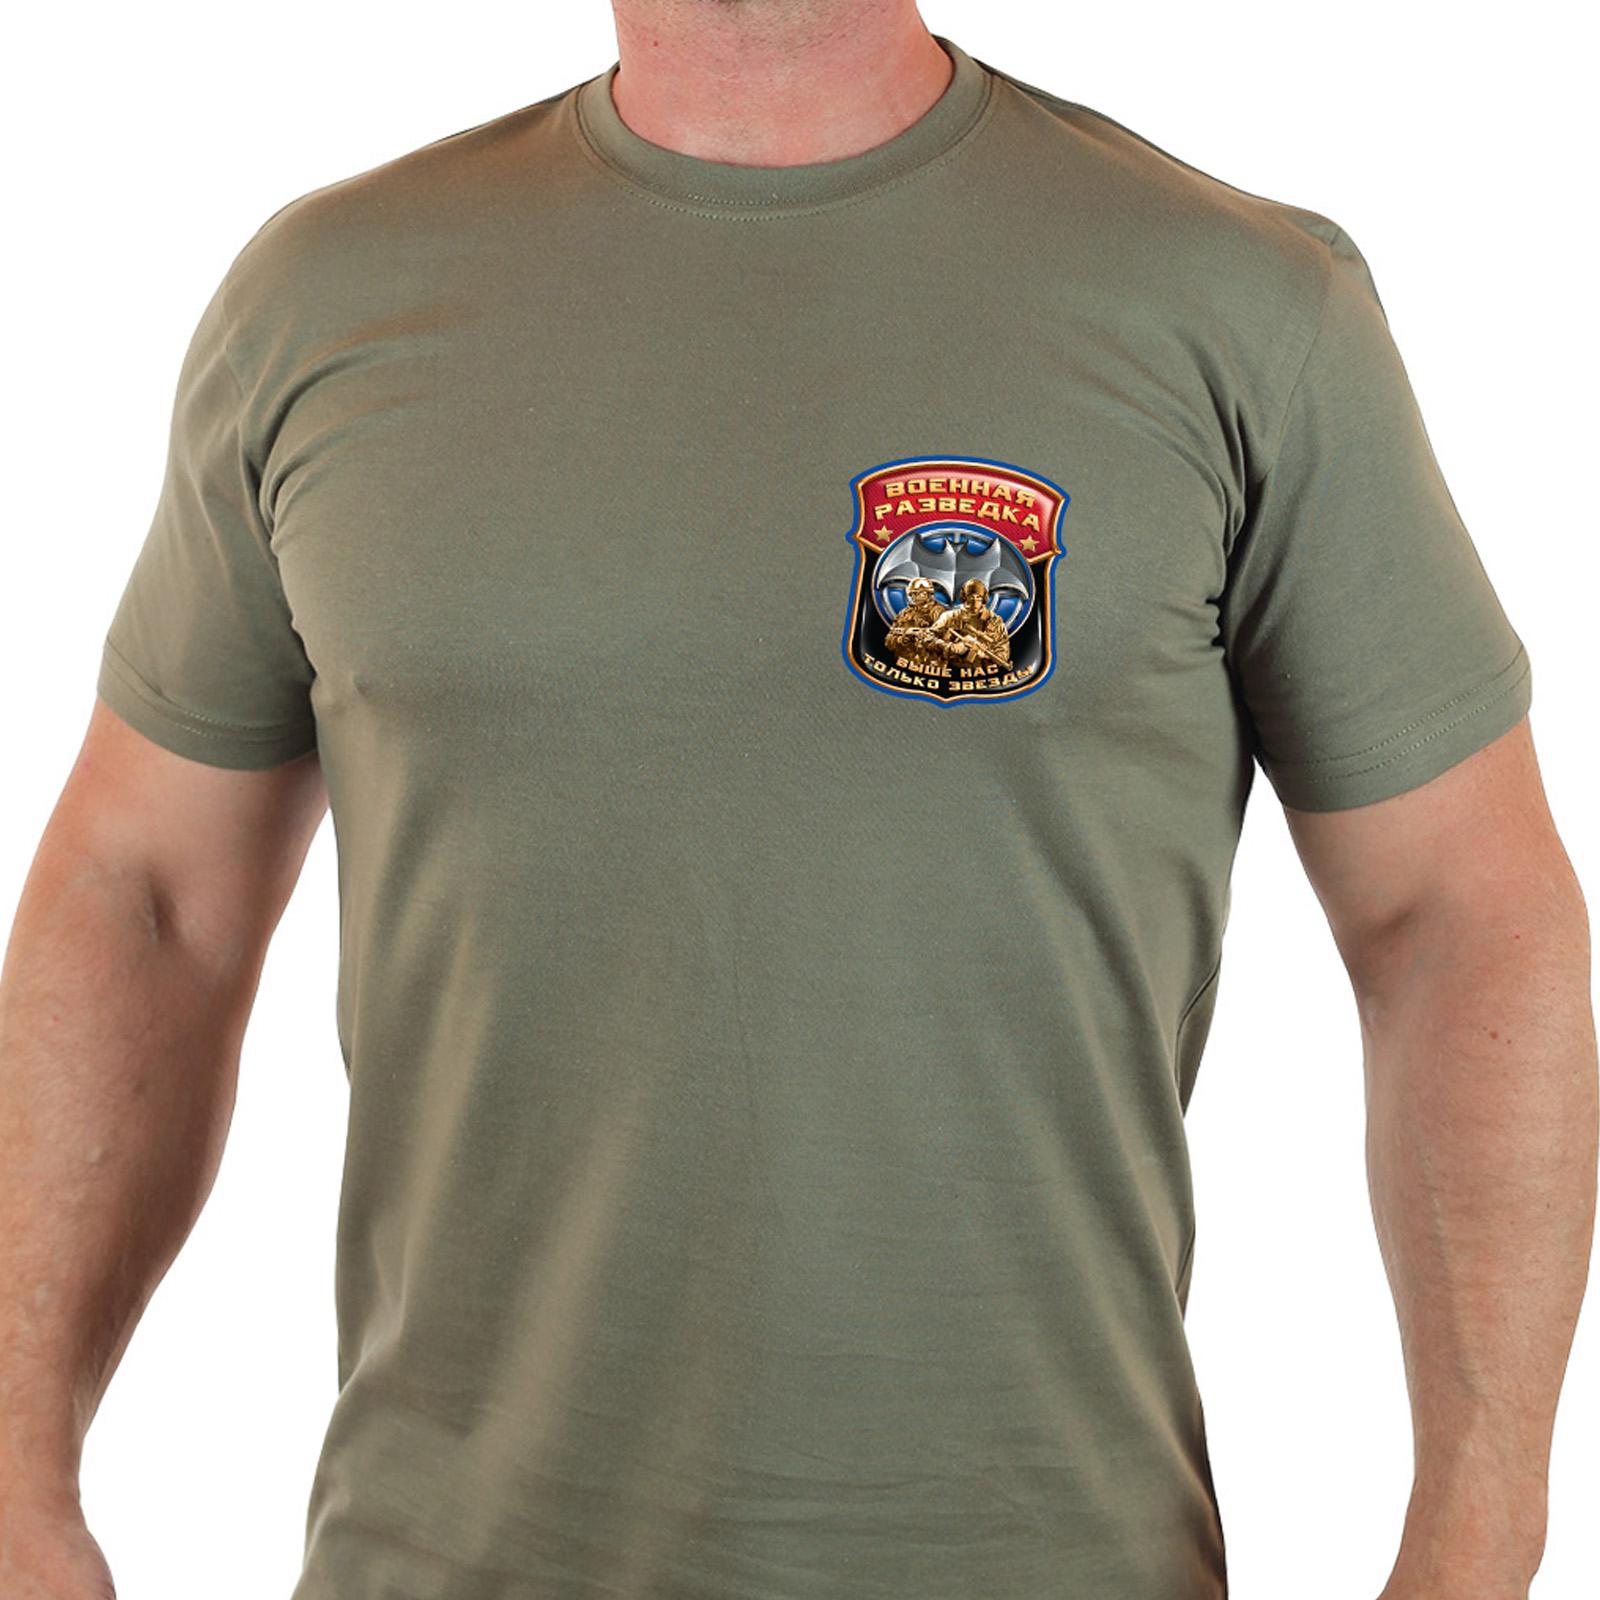 Строгая армейская футболка Военная разведка 100 лет